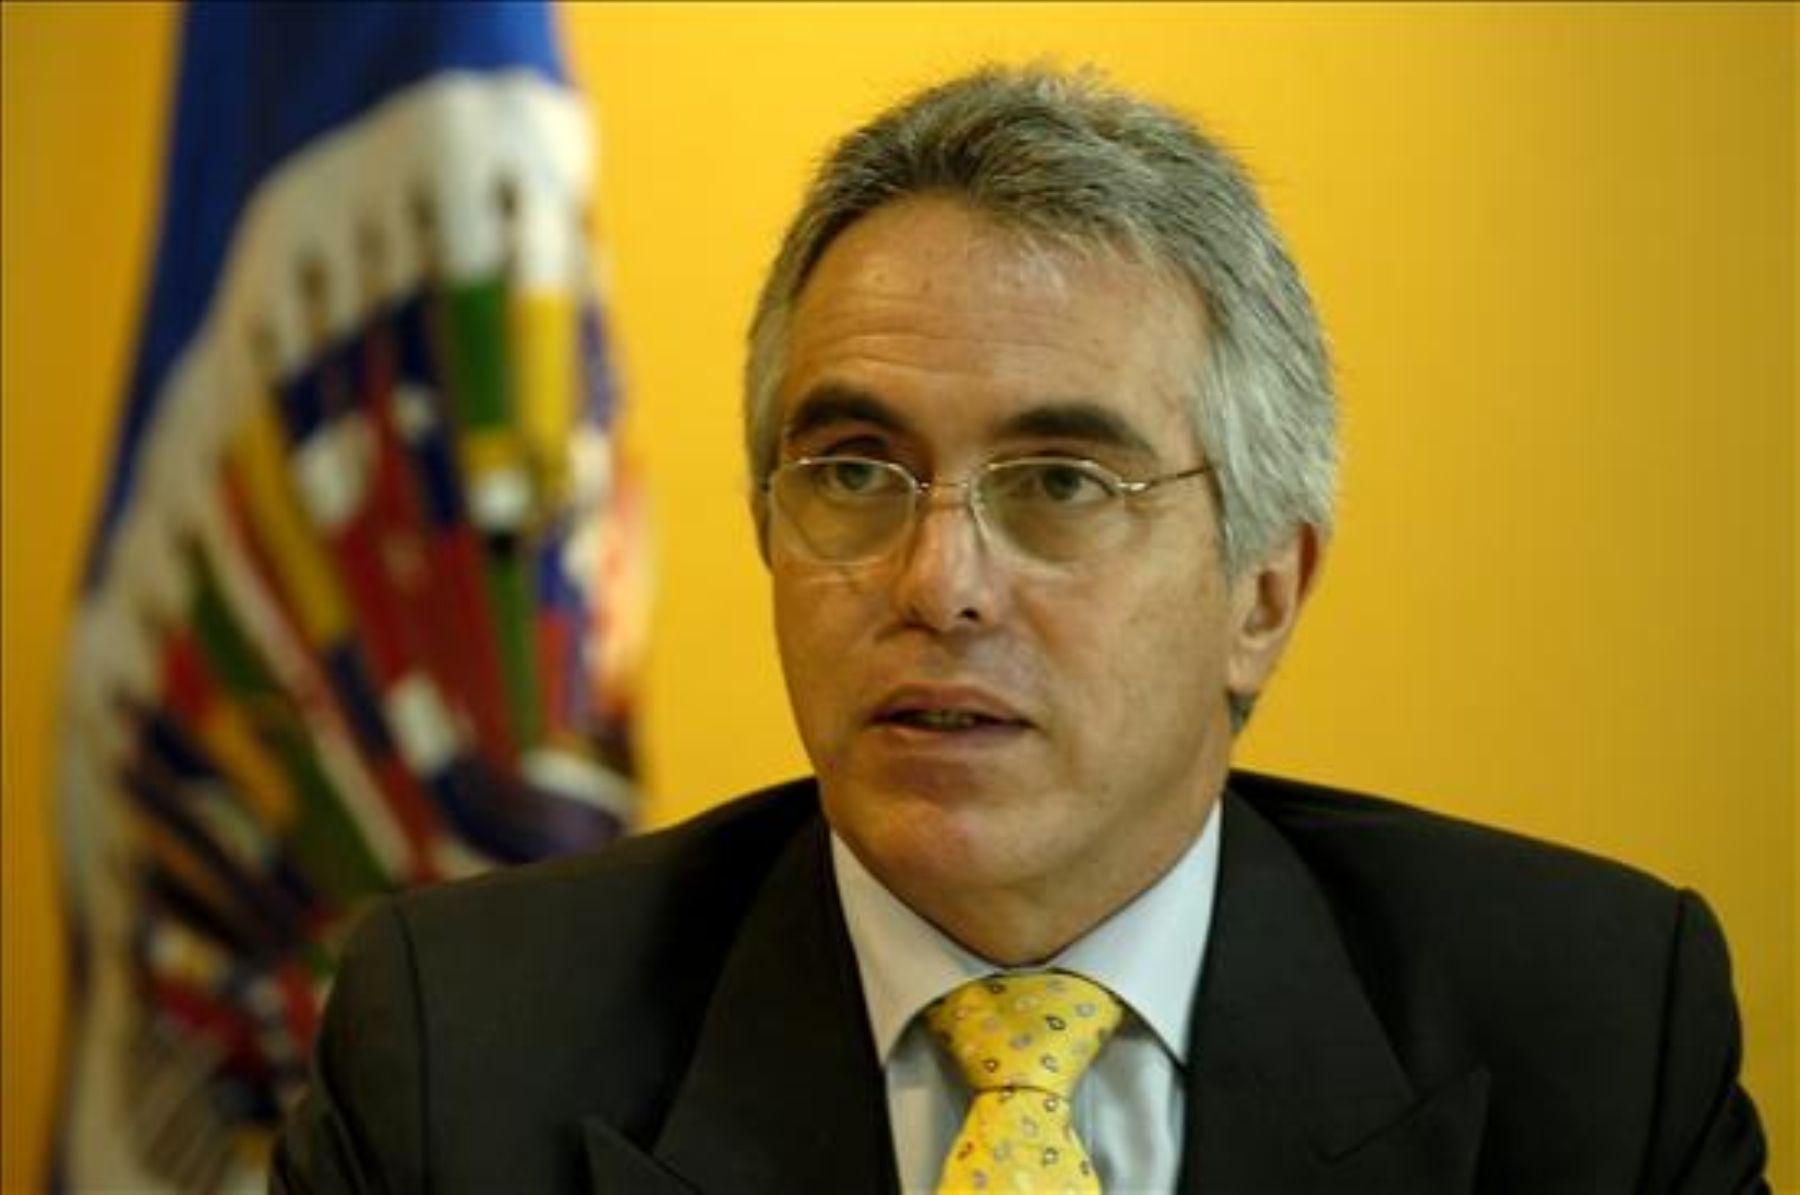 García-Sayán: no tiene sentido proceso a ministros por presunta infracción a neutralidad - Agencia Andina